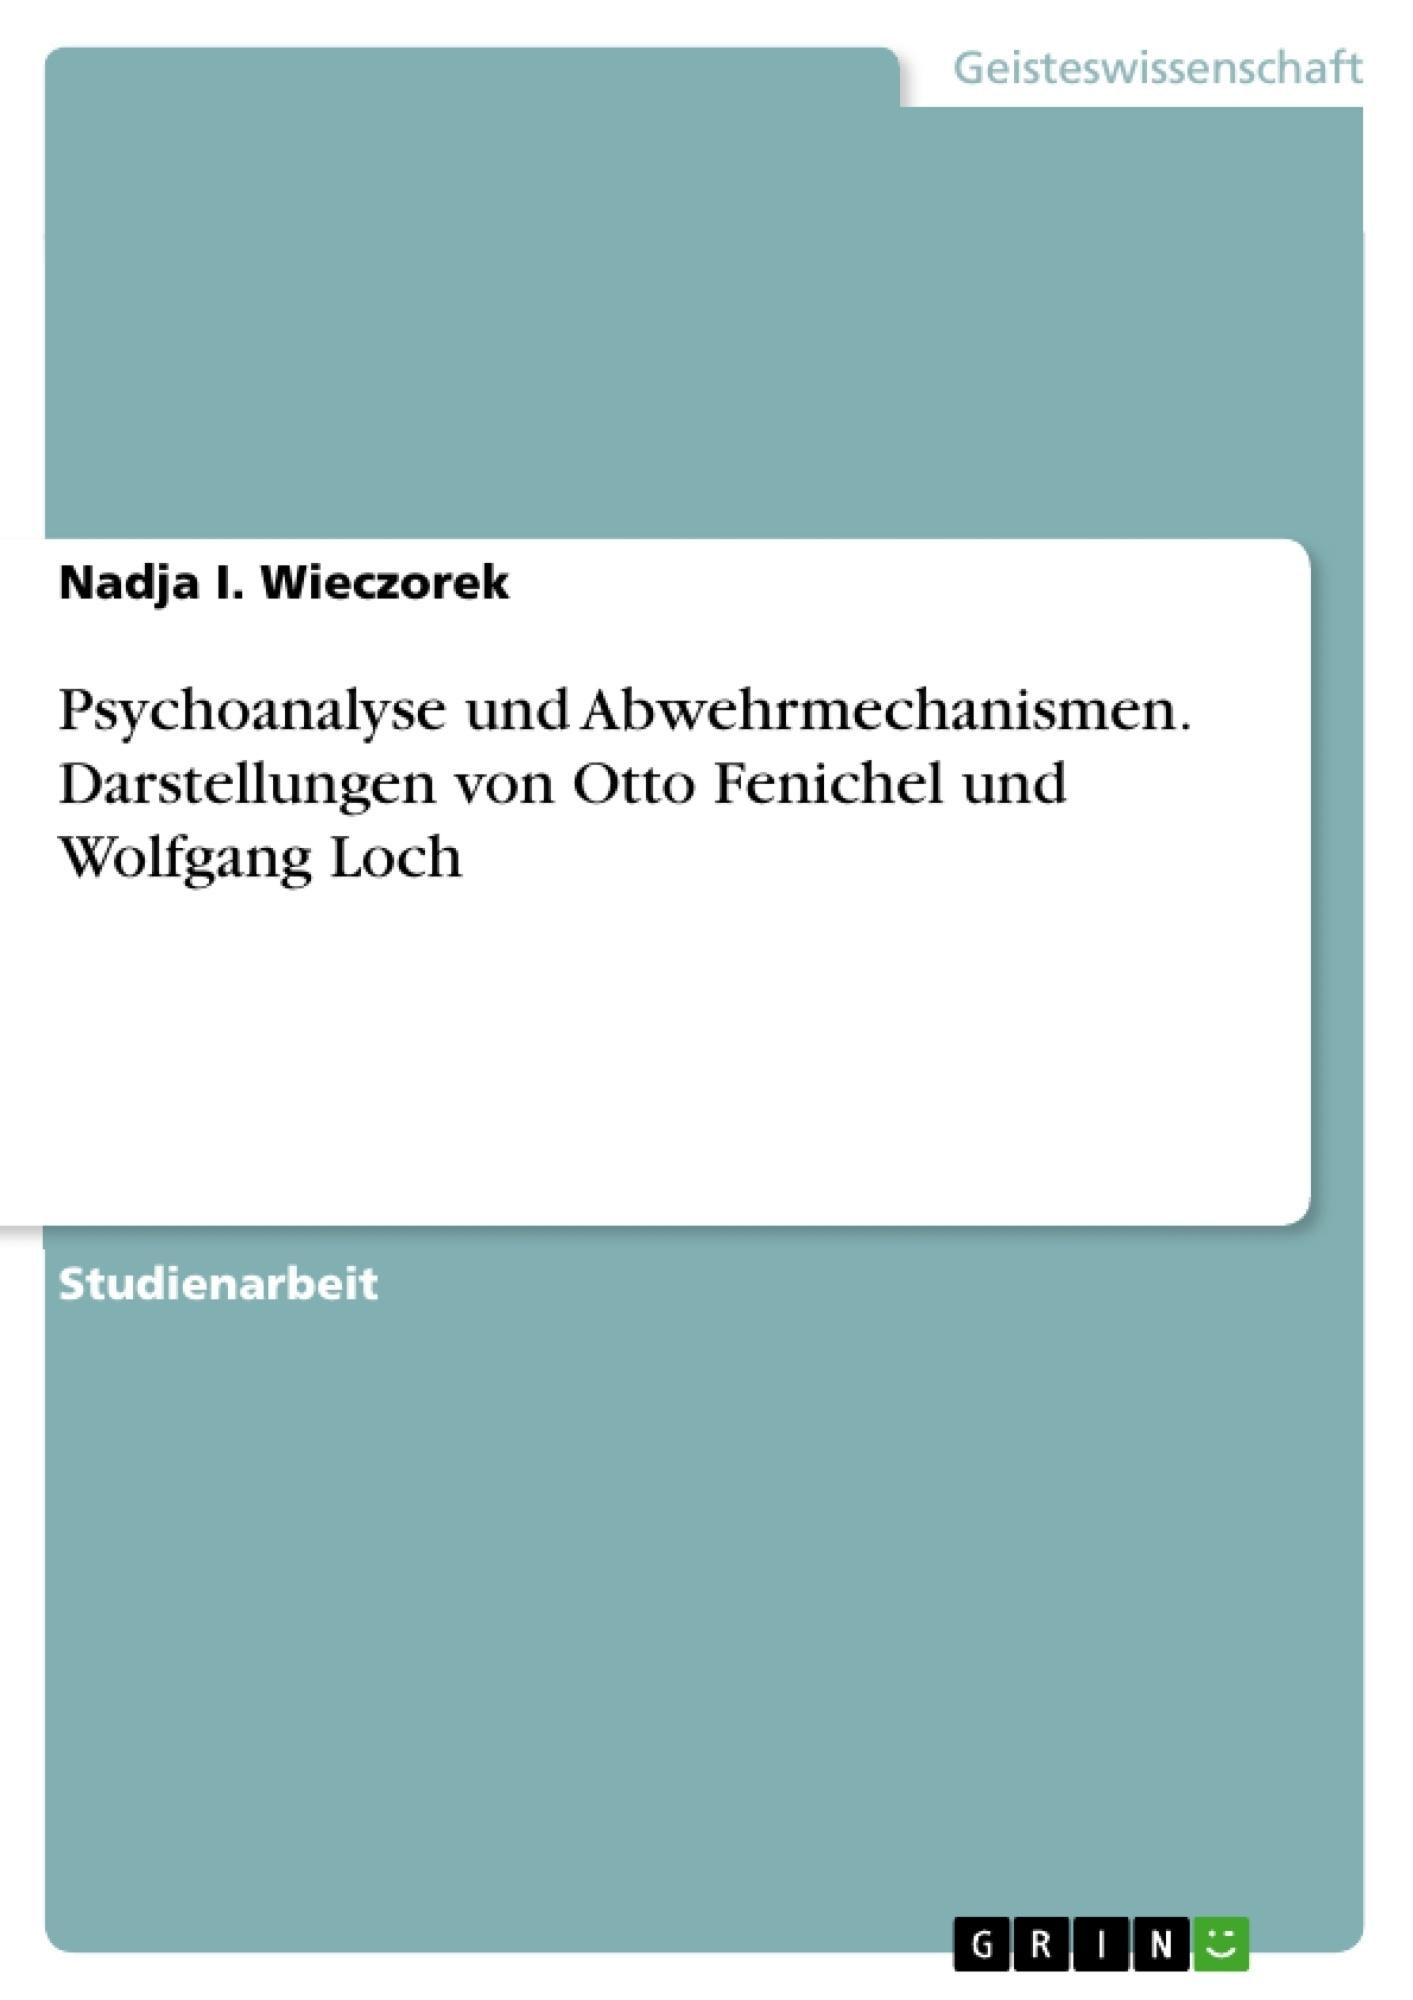 Titel: Psychoanalyse und Abwehrmechanismen. Darstellungen von Otto Fenichel und Wolfgang Loch